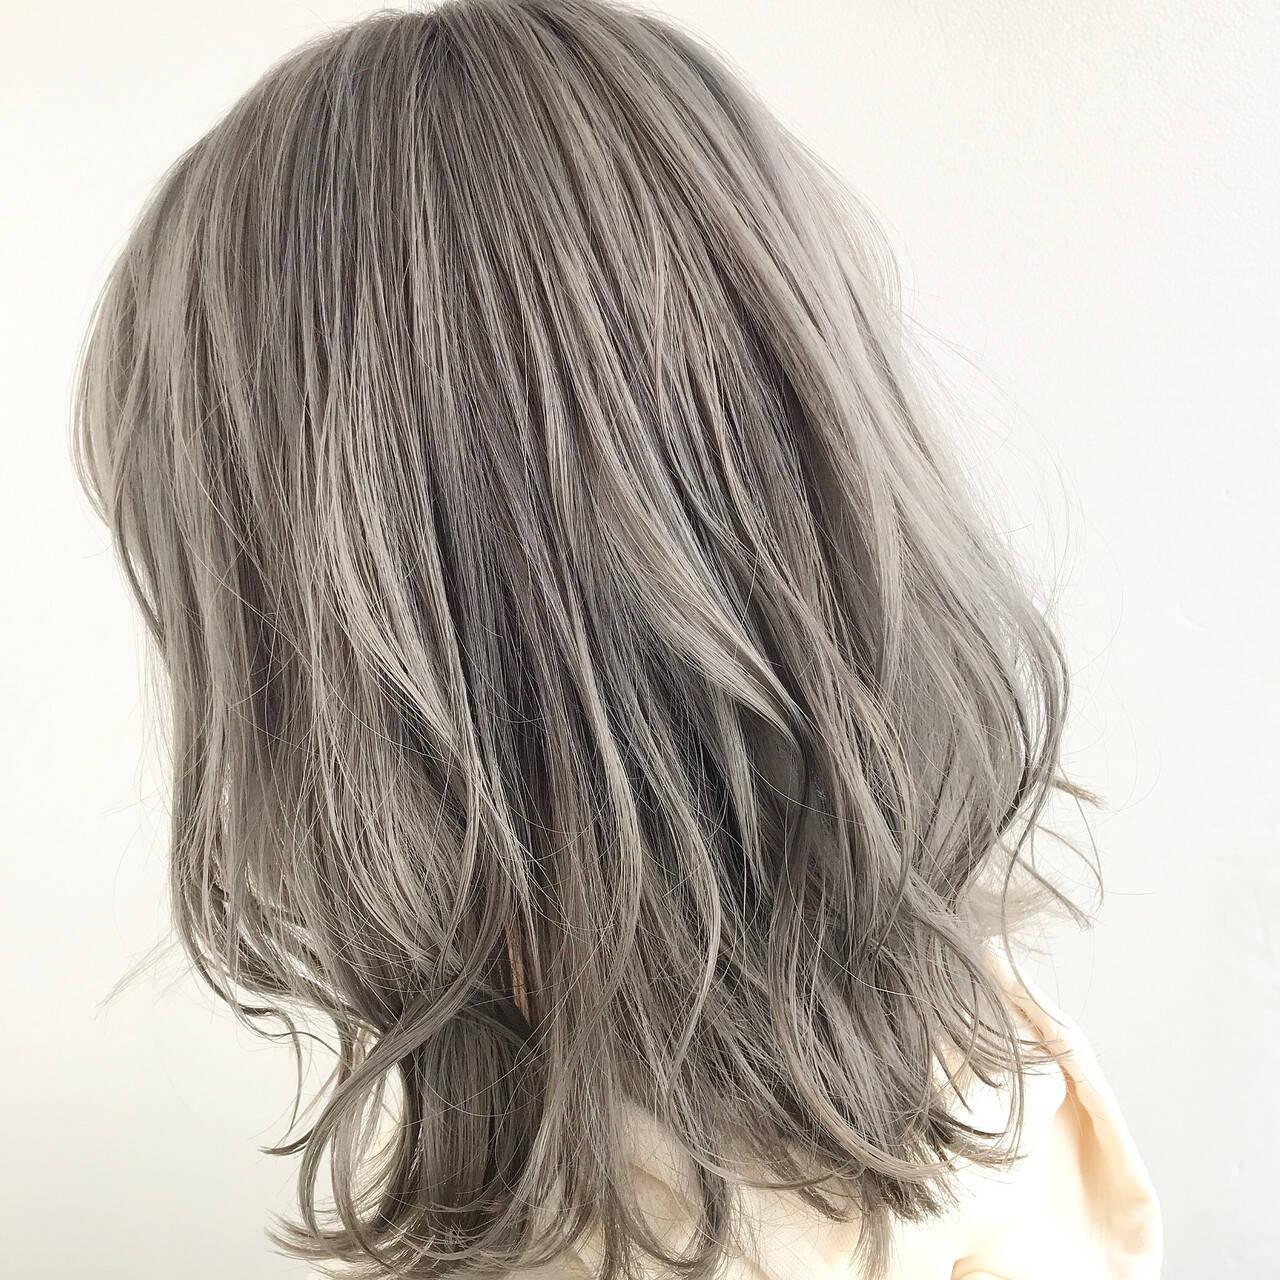 ミルクティーベージュ グレージュ ミルクティーグレージュ モードヘアスタイルや髪型の写真・画像